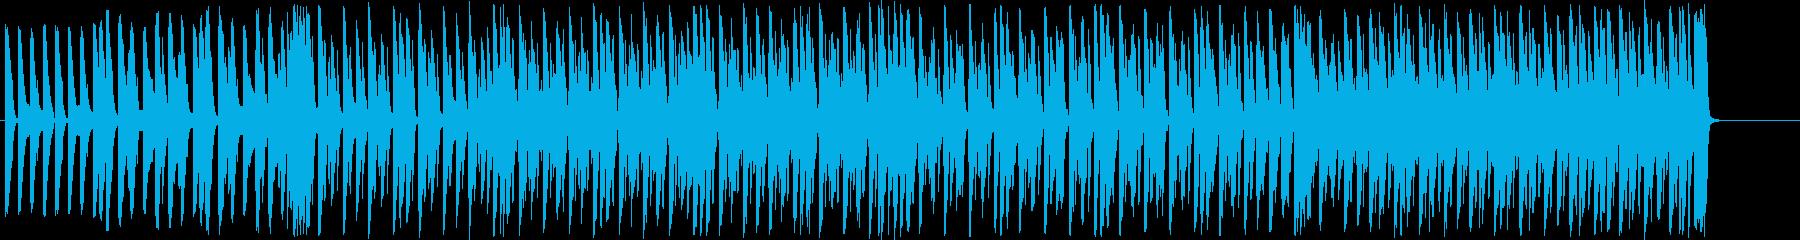 お洒落で勢いのあるアップテンポな音楽の再生済みの波形